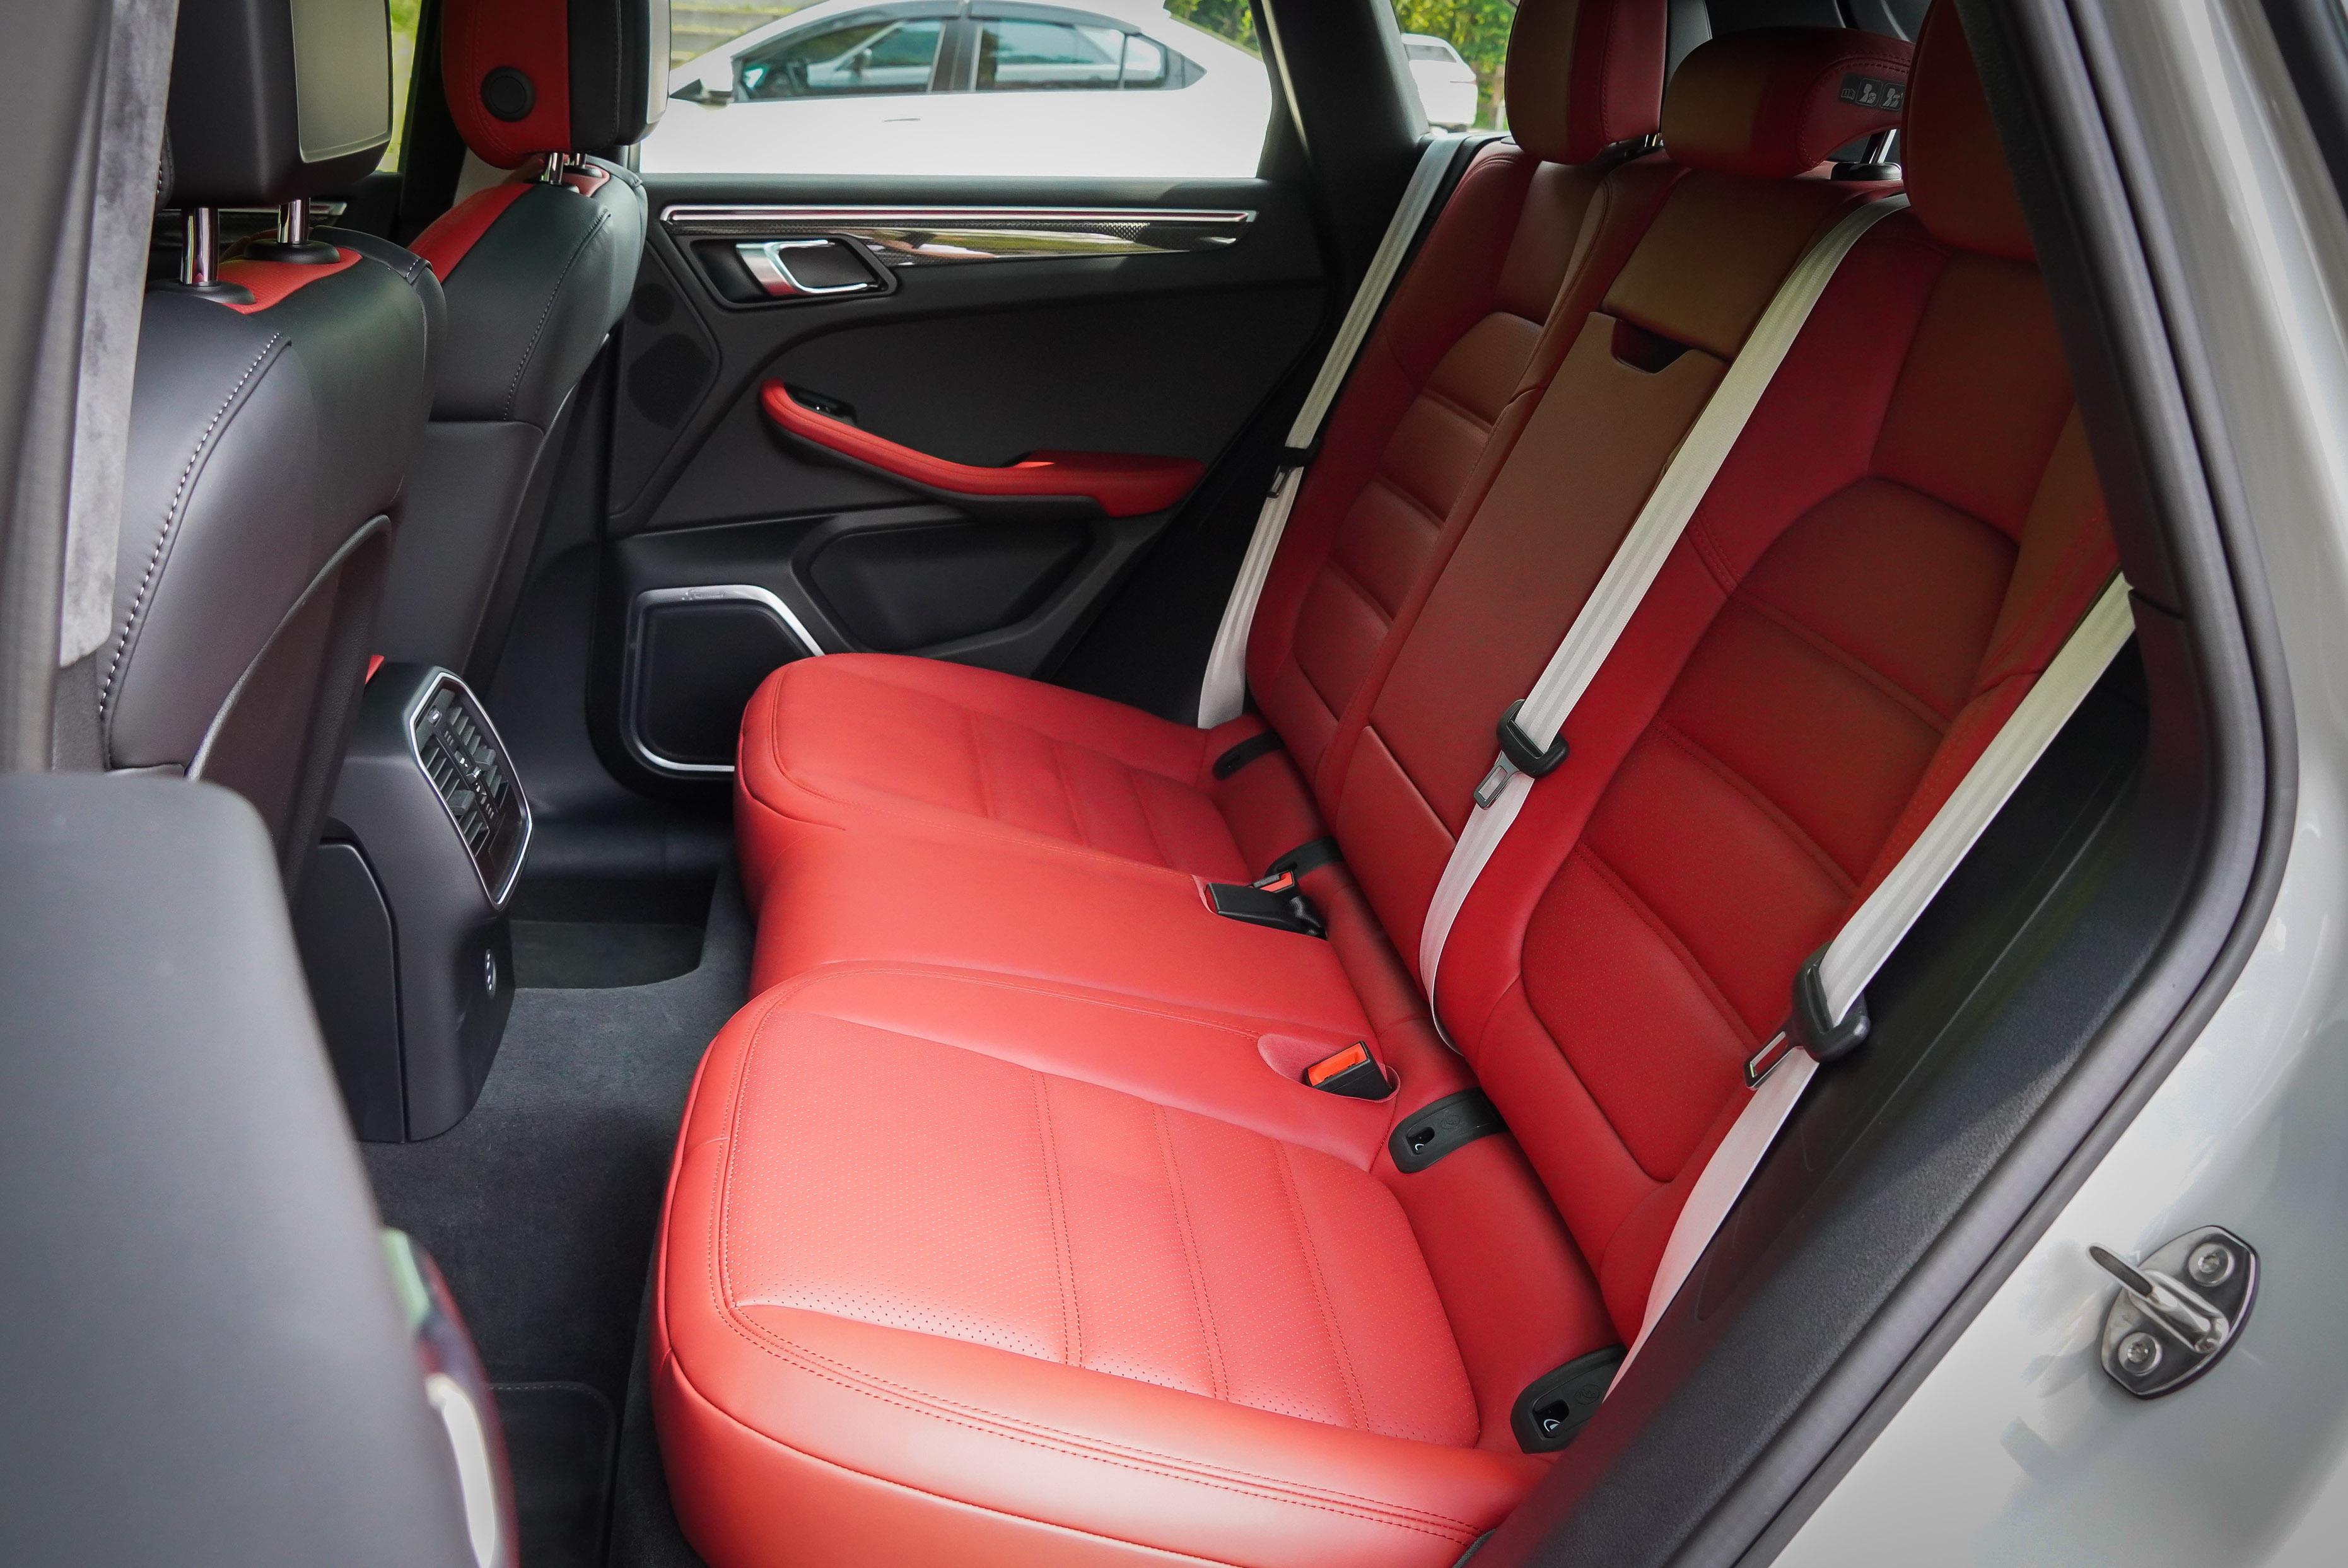 Macan 車系擁有可滿足日常家庭需求的後座空間,唯獨中央隆起對第五名乘客舒適打了折扣。